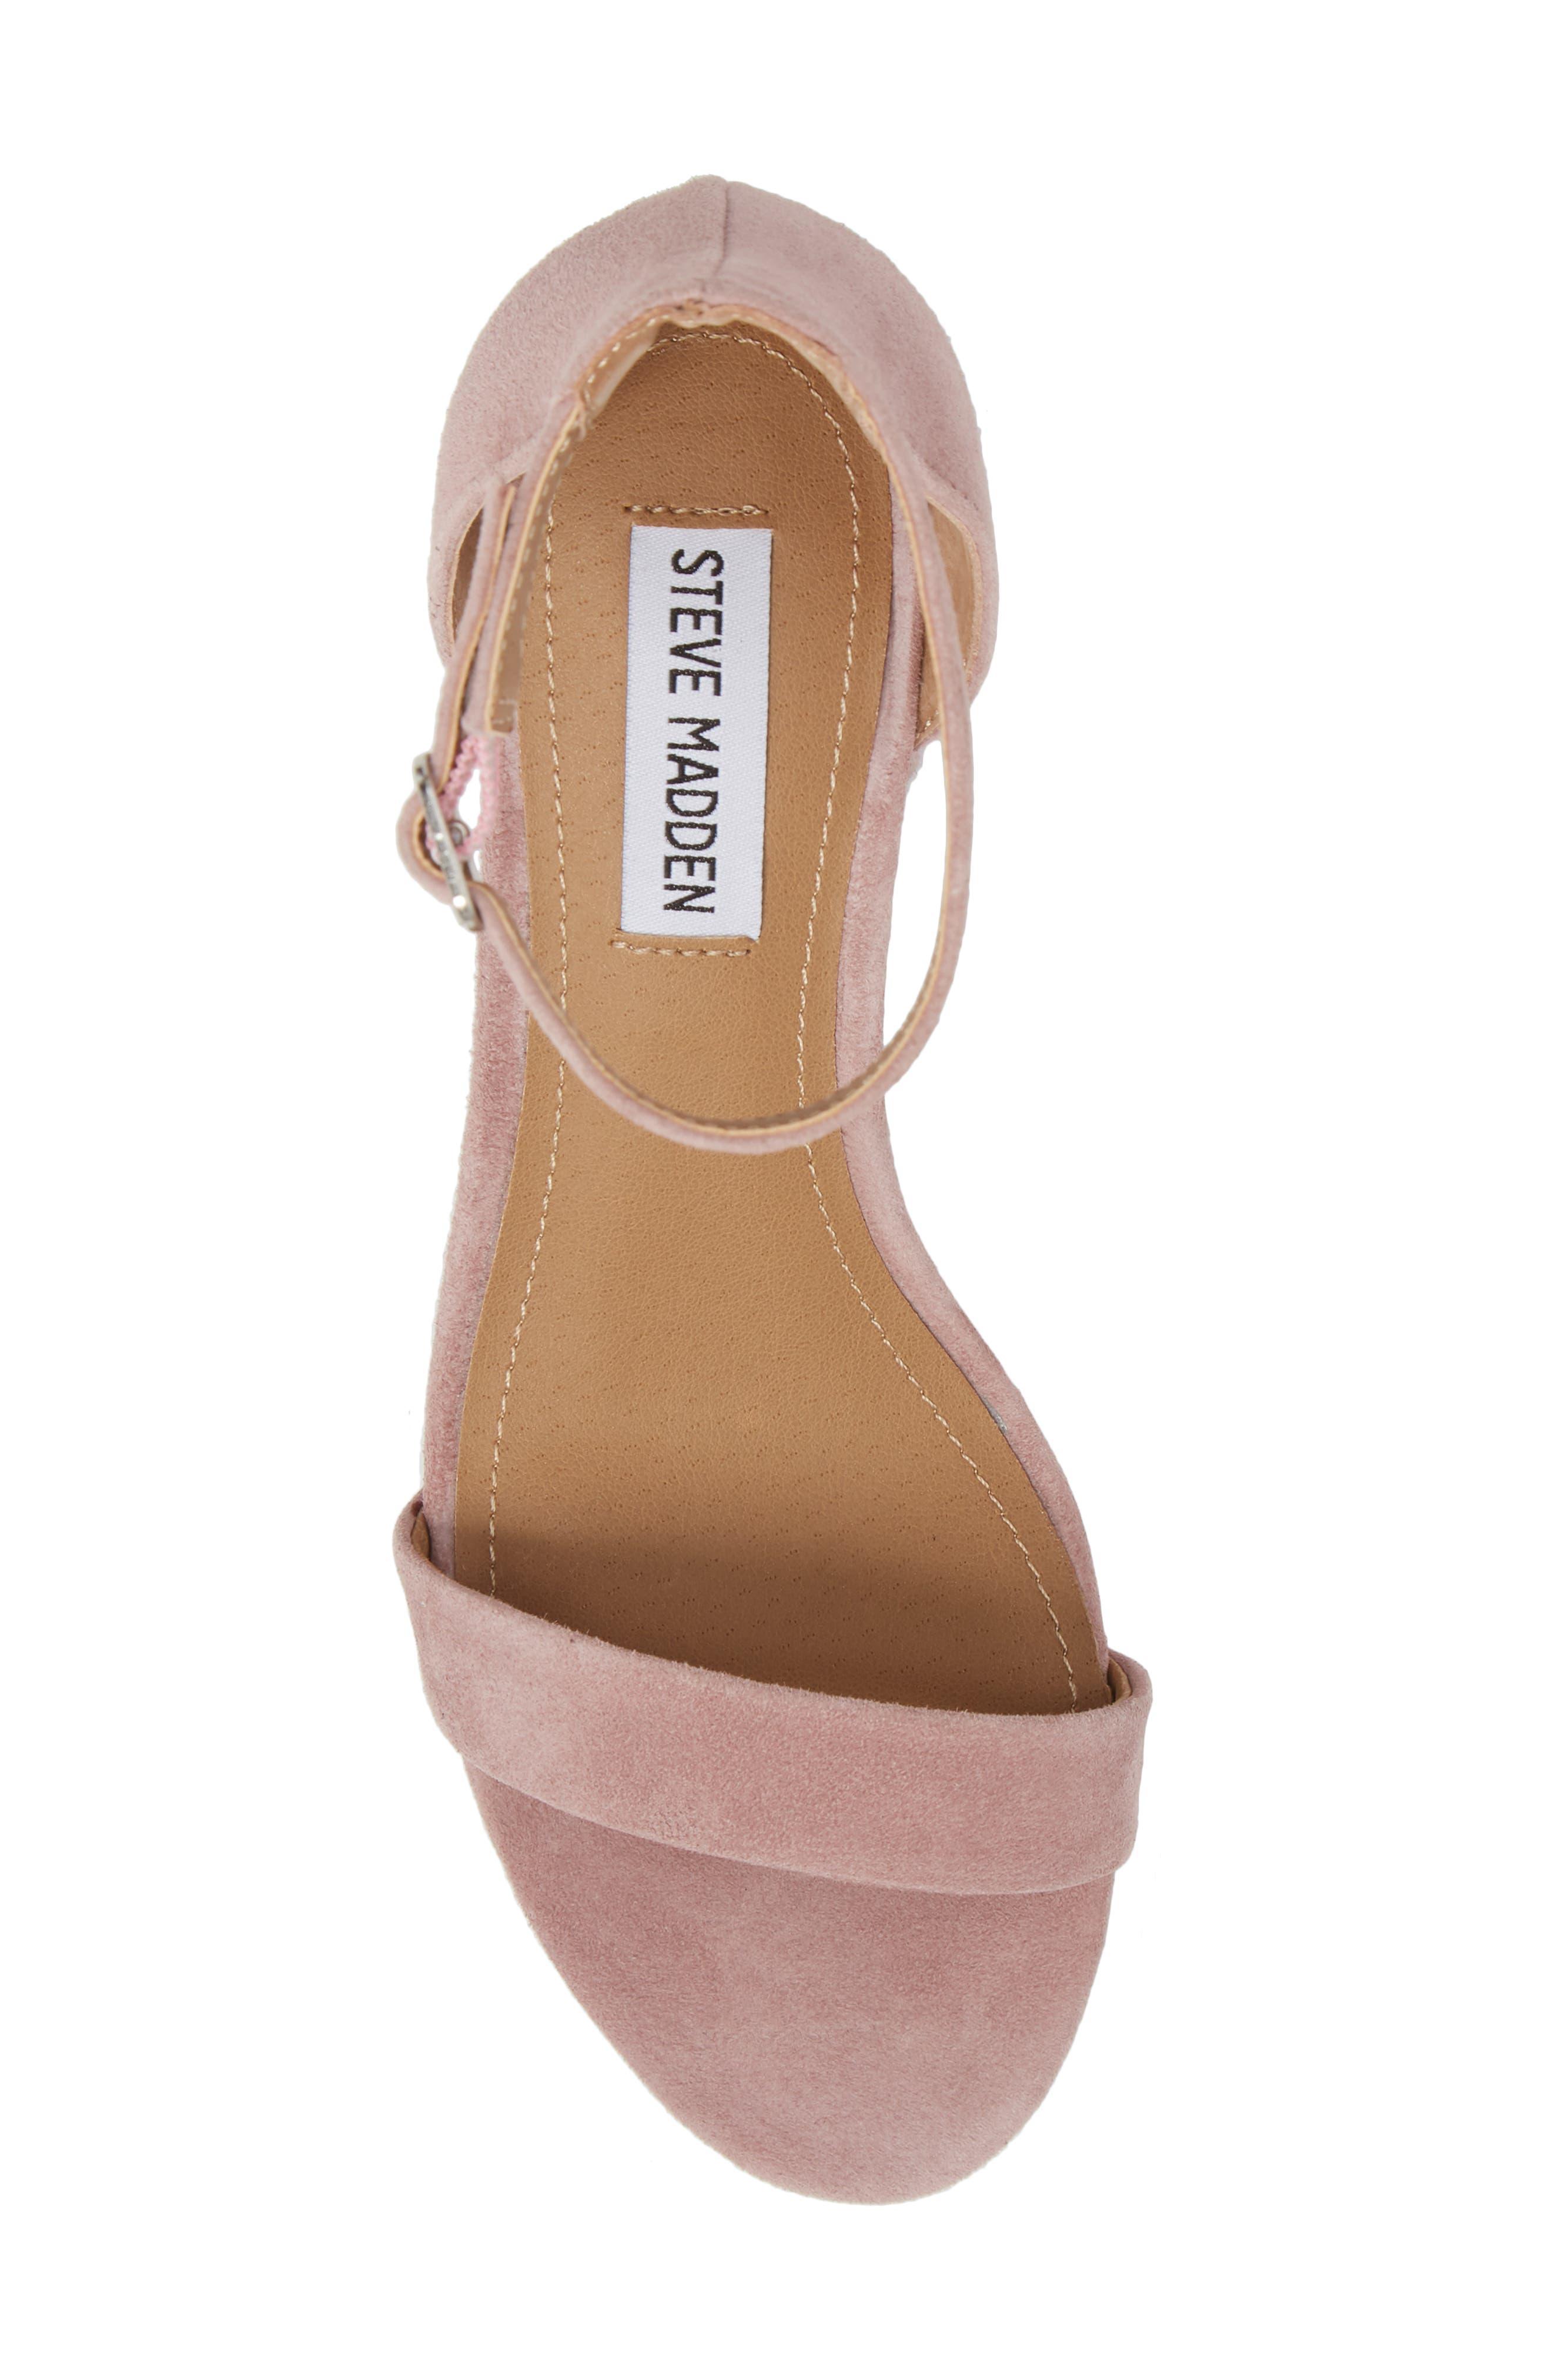 Irenee Ankle Strap Sandal,                             Alternate thumbnail 125, color,